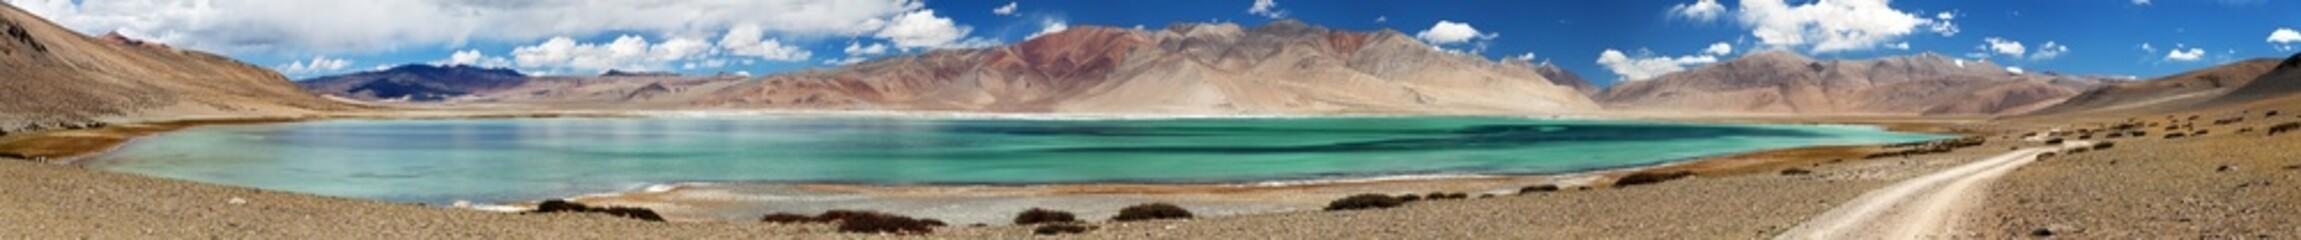 Lake Kar or Tso Kar - Rupshu valley, Ladakh